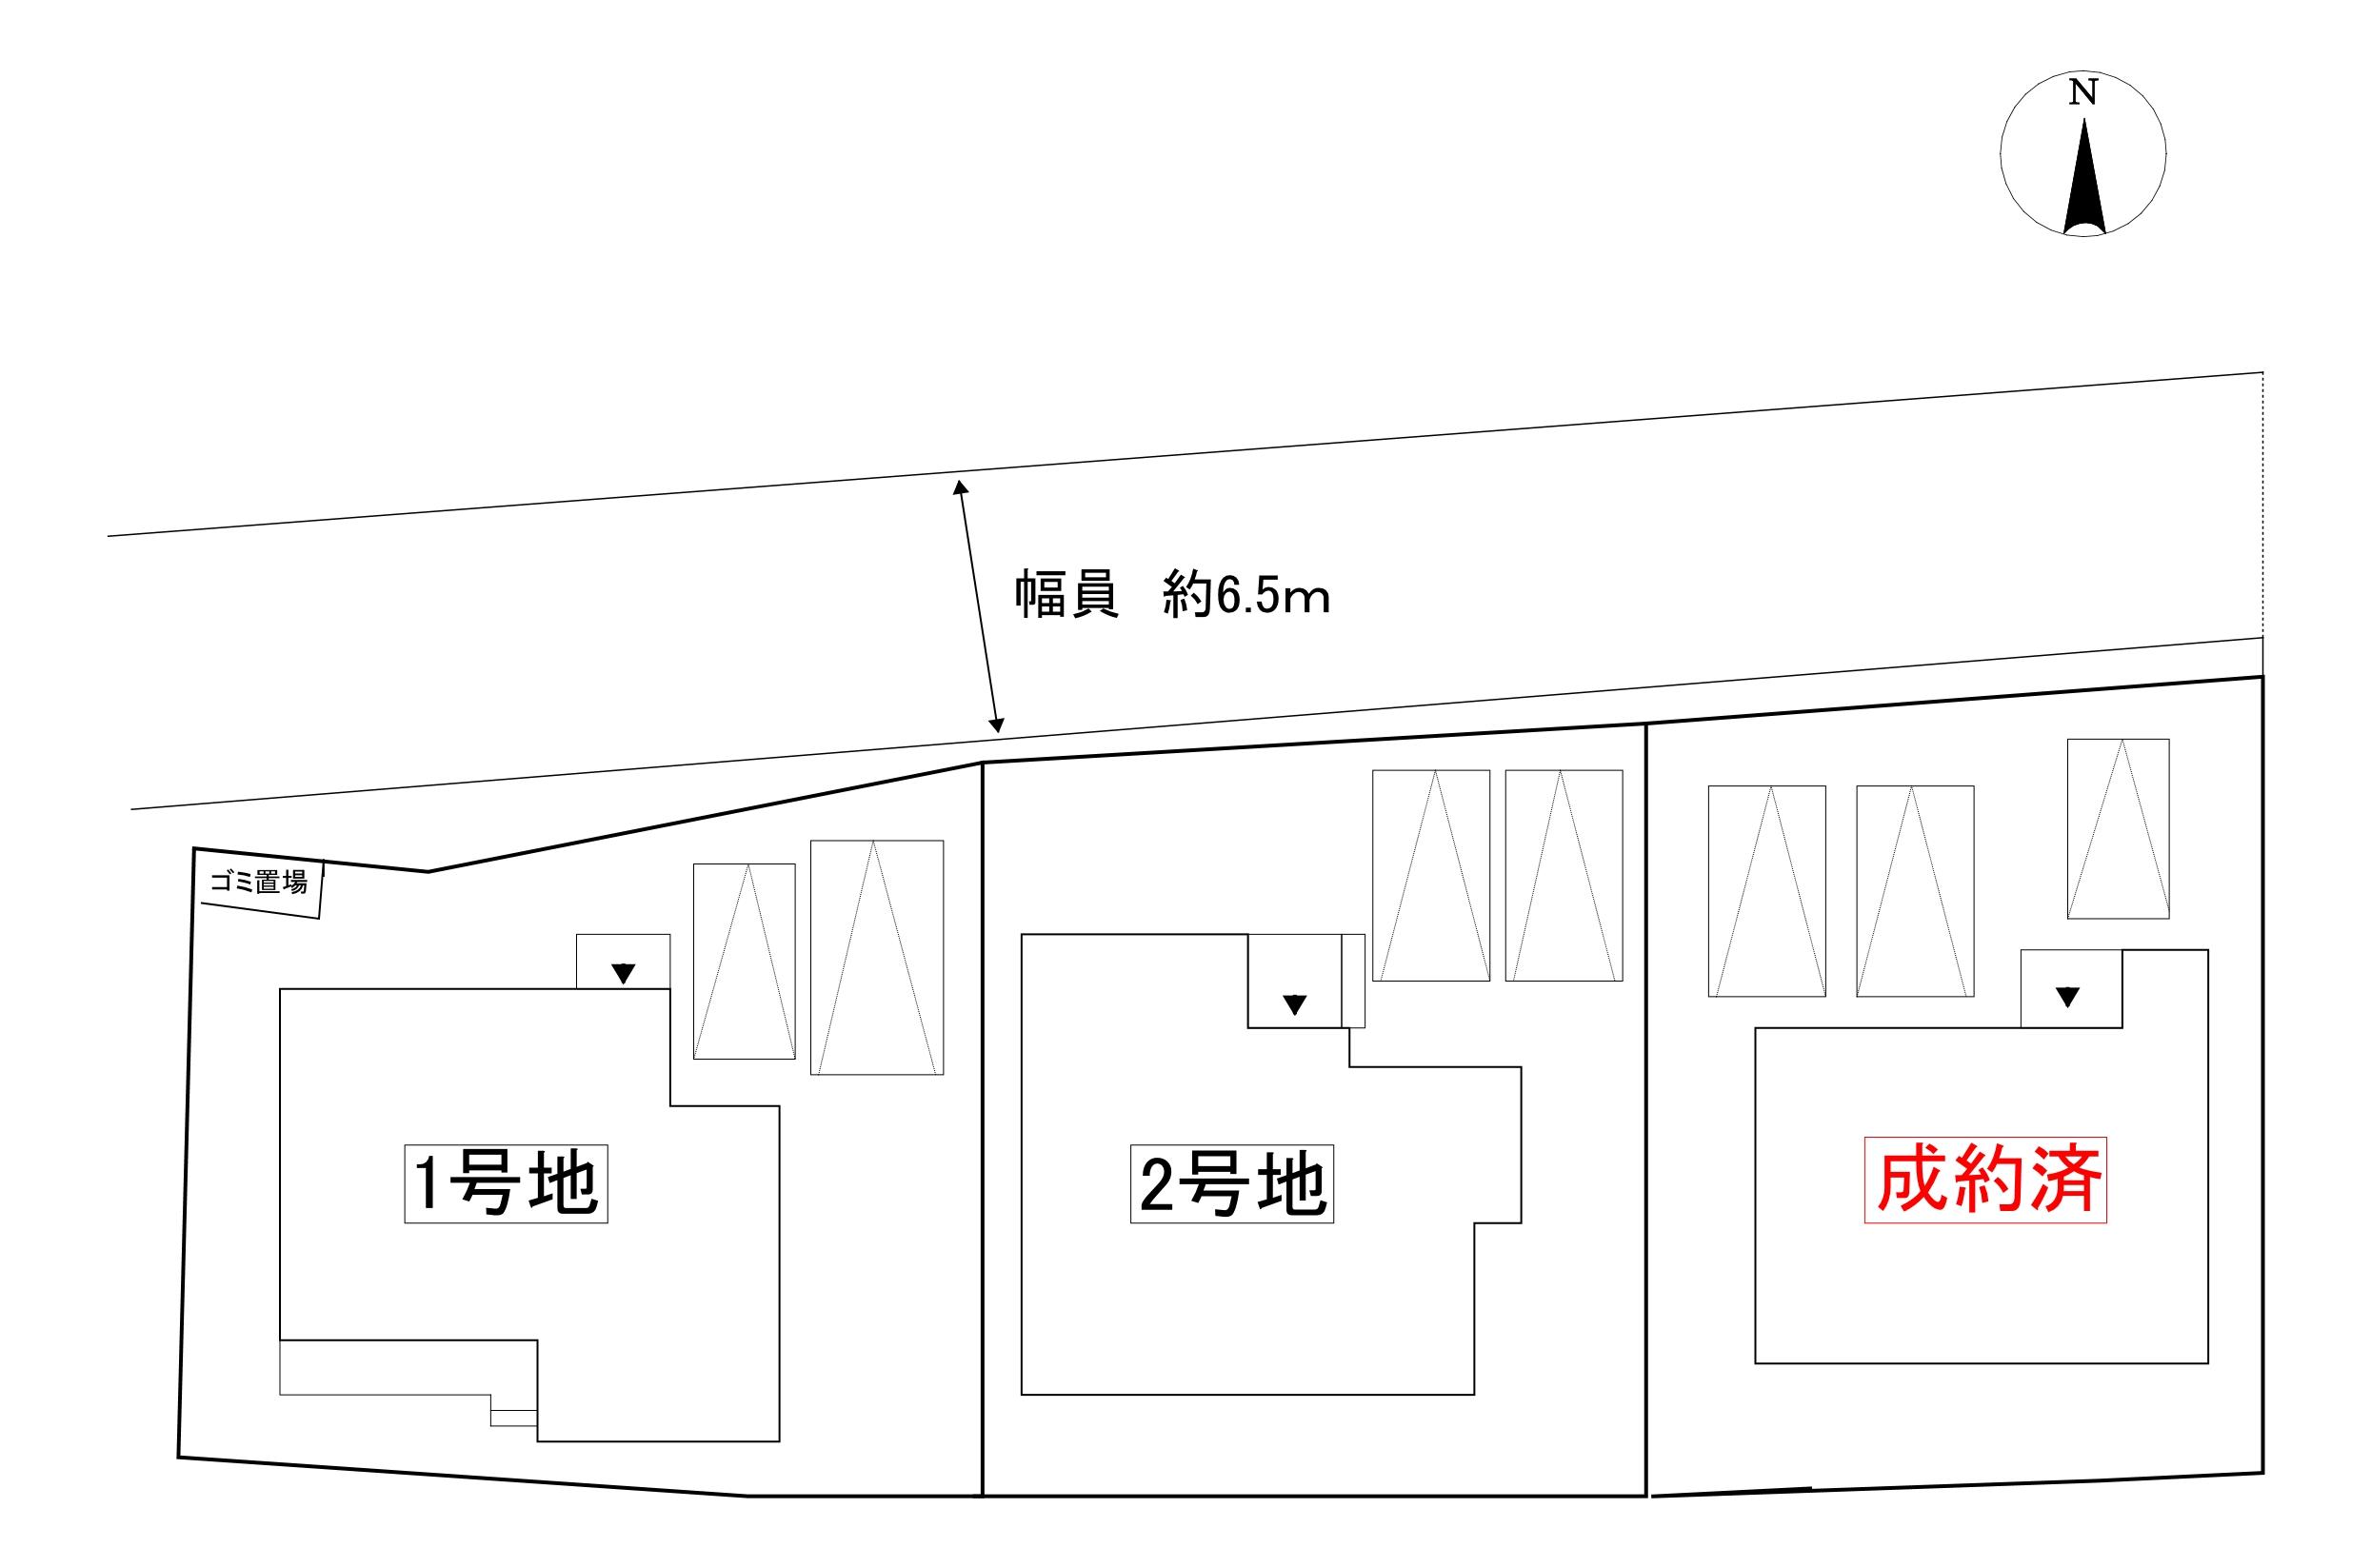 神埼市新築建売住宅「OURS神埼町Ⅱ」